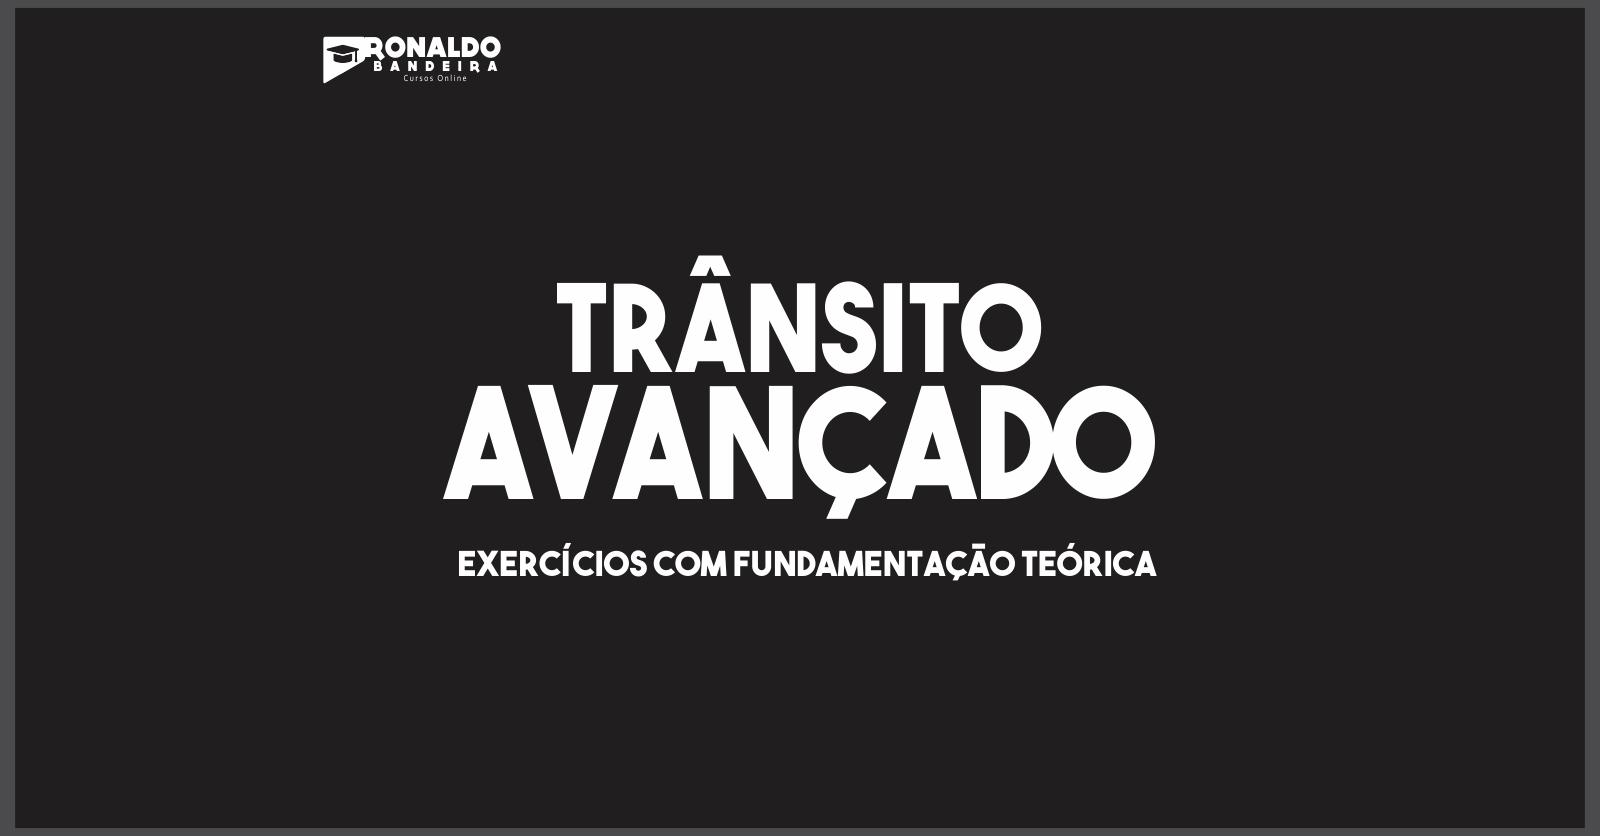 TRÂNSITO AVANÇADO